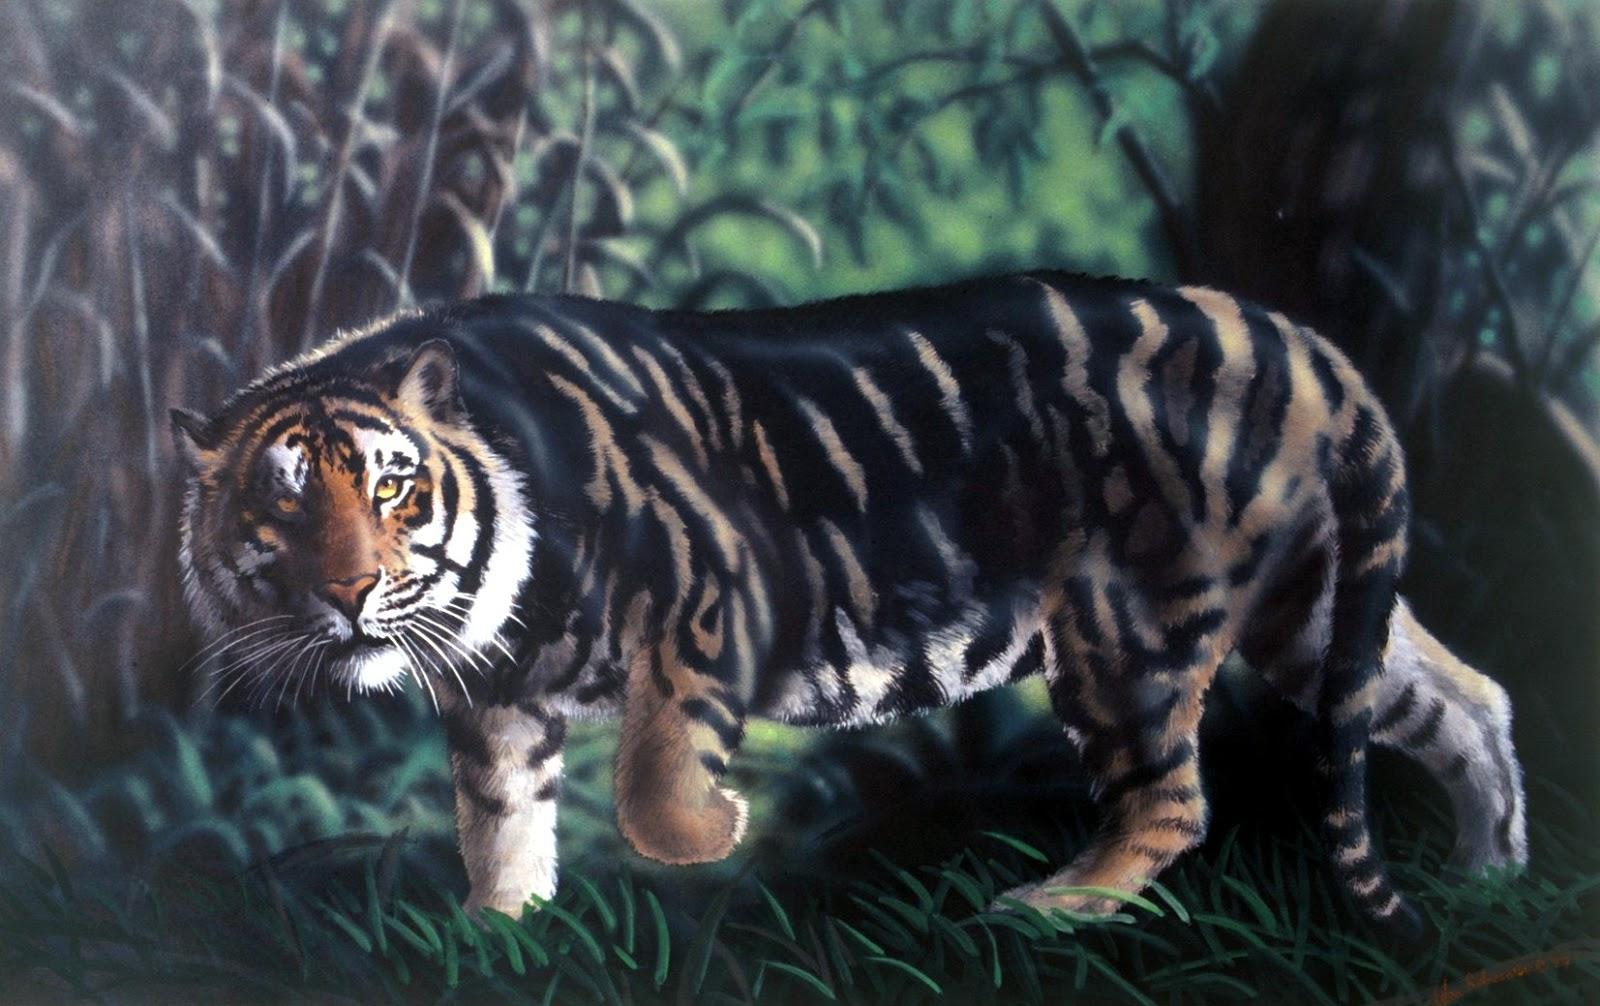 Tiger Panther Hybrid Www Pixshark Com Images Galleries